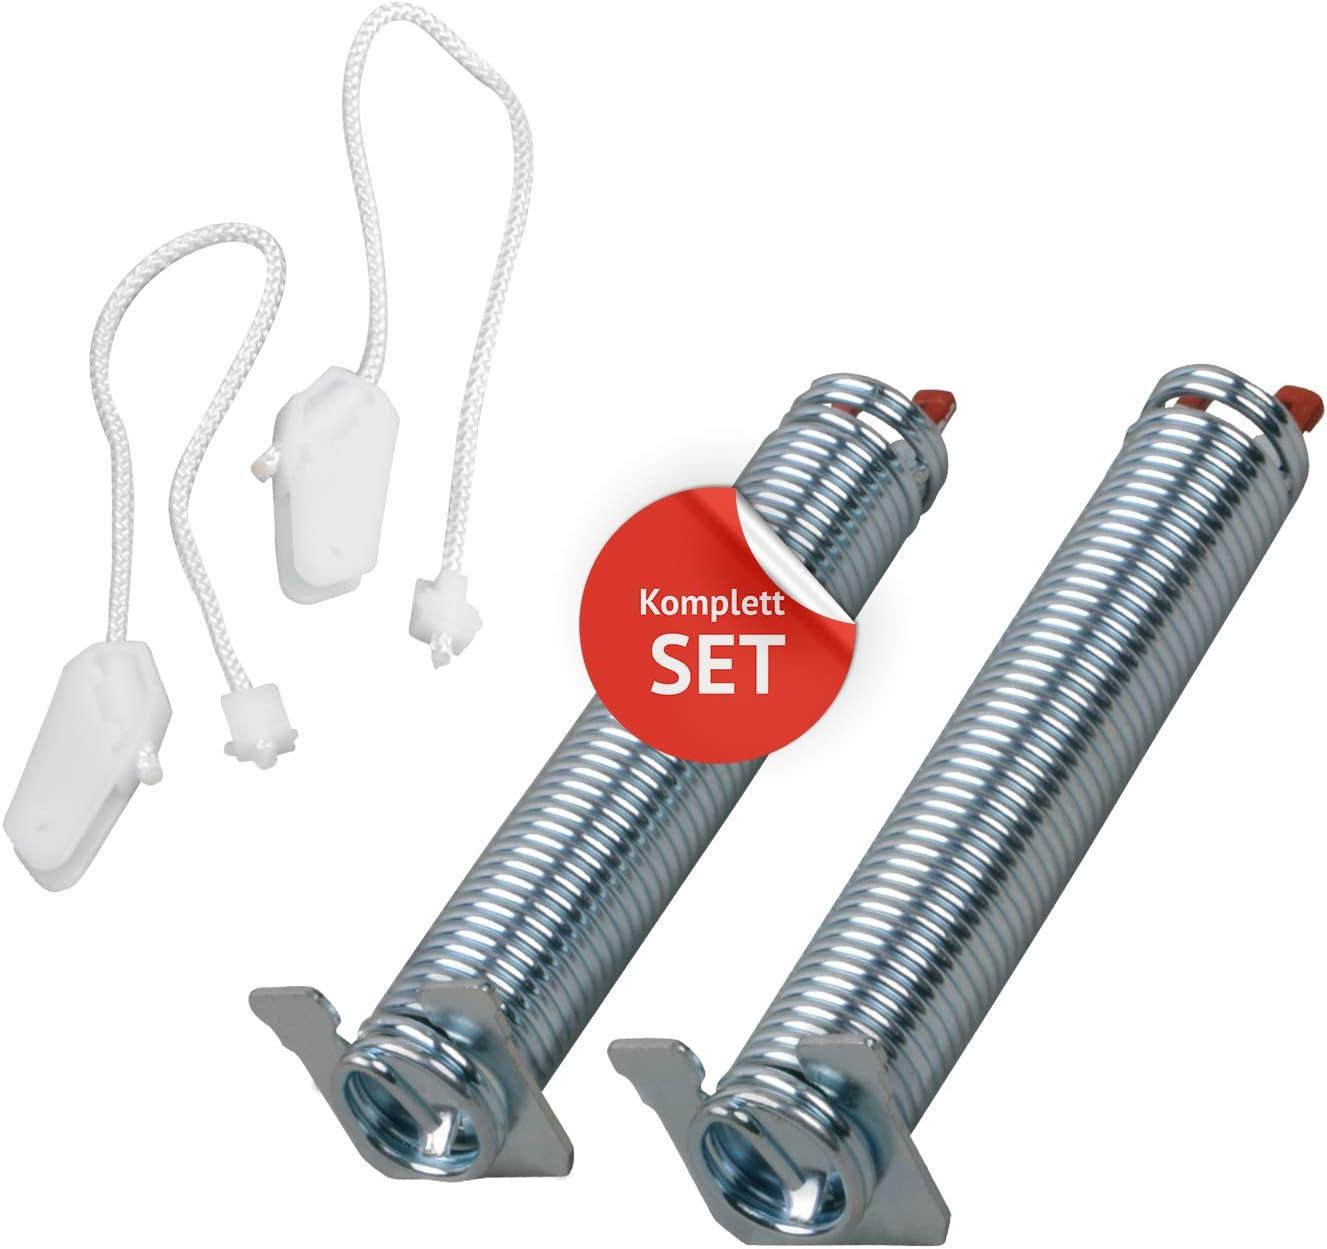 2 Resortes de bisagra de puerta con cuerda, repuesto para Bosch 00754866, Siemens 754866, Neff Constructa y juego de reparación de lavavajillas, código de color rojo para lavavajillas